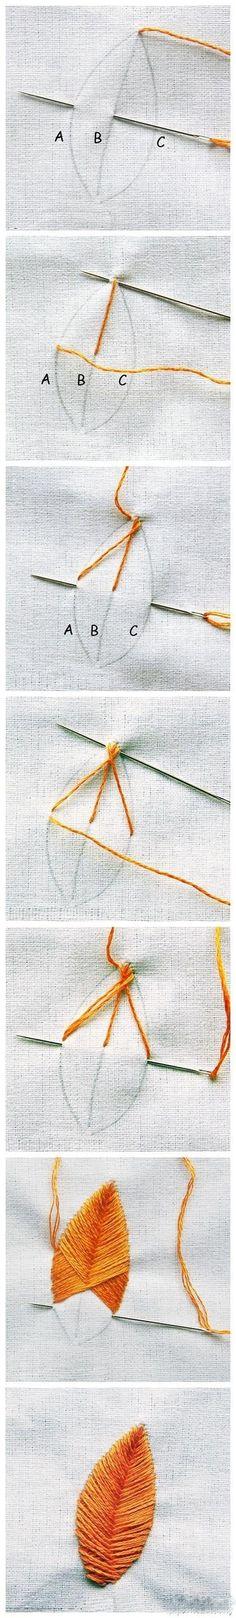 stitch / embroidery 바늘의입장에서 실은 색연필이다